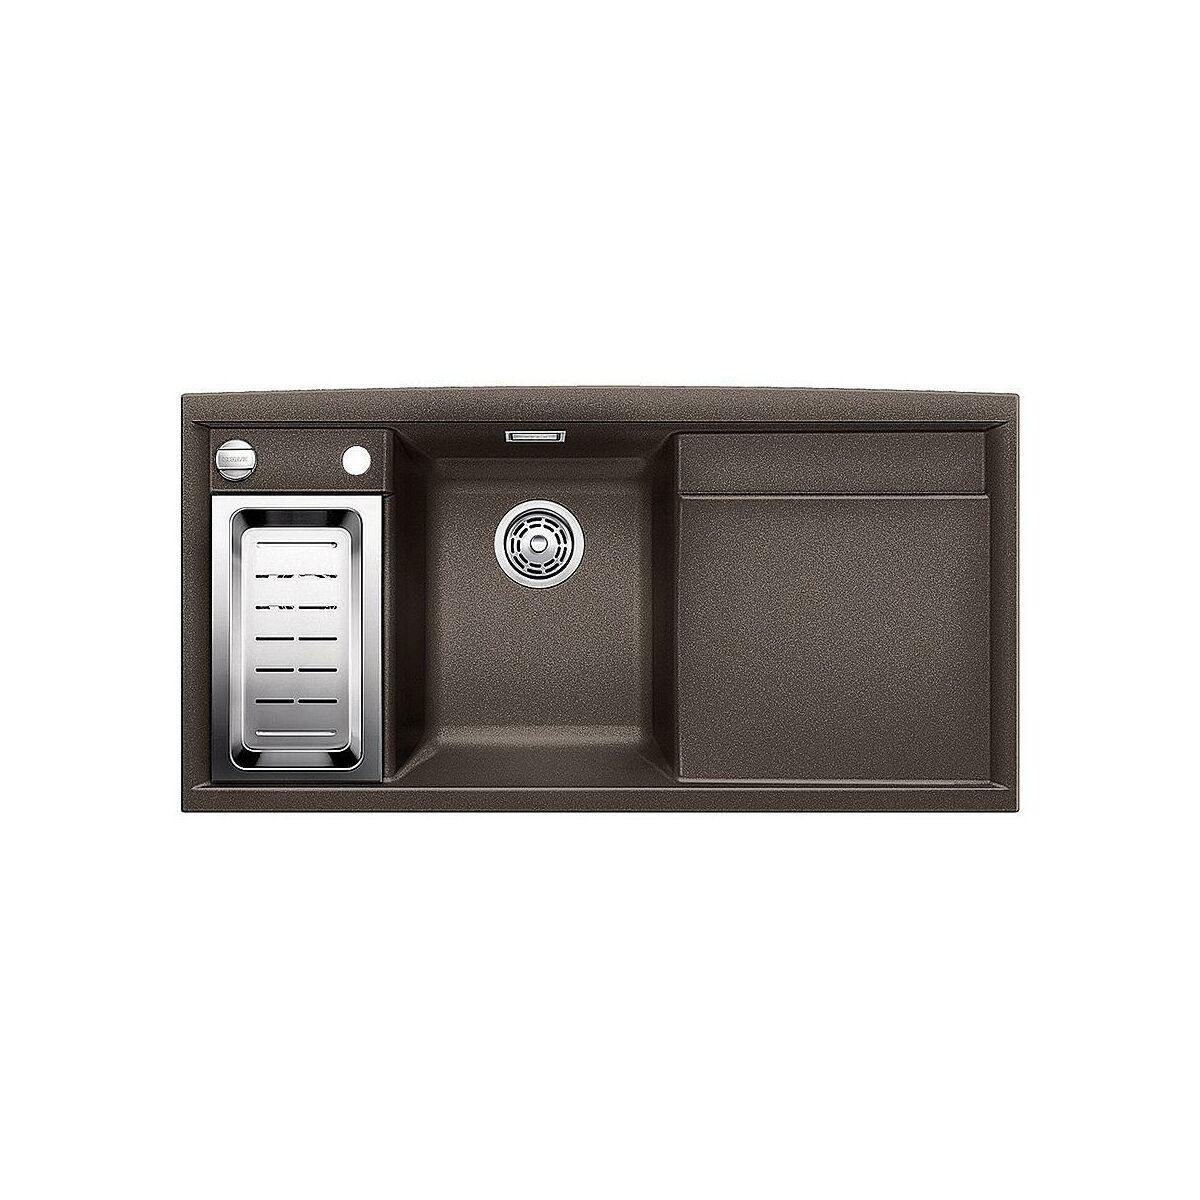 zlewozmywak axia ii 6 s blanco zlewozmywaki granitowe. Black Bedroom Furniture Sets. Home Design Ideas